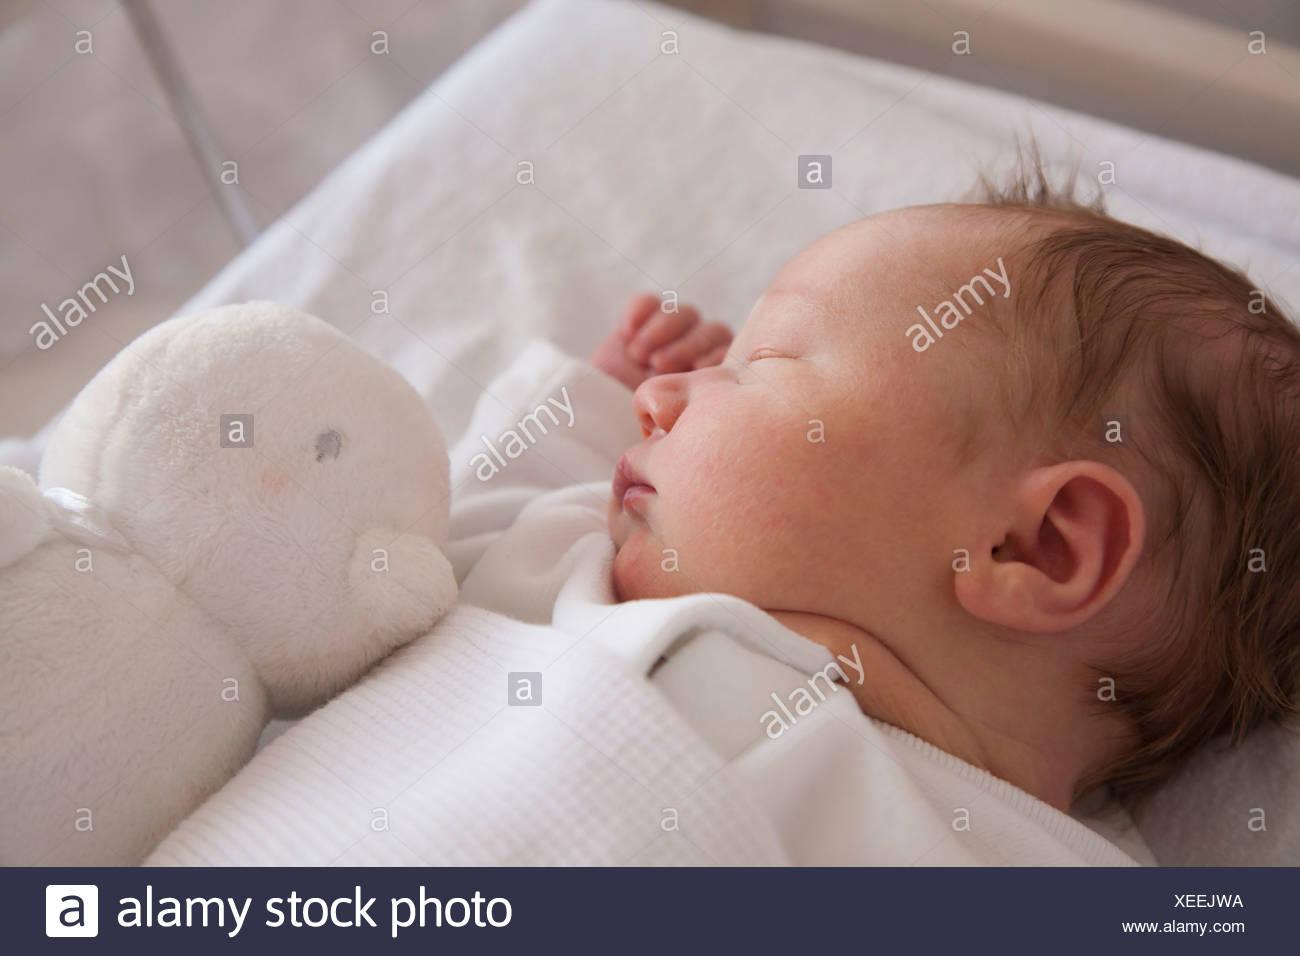 Un bebé recién nacido acostado sobre la espalda, durmiendo. Un juguete en su cuna. Foto de stock